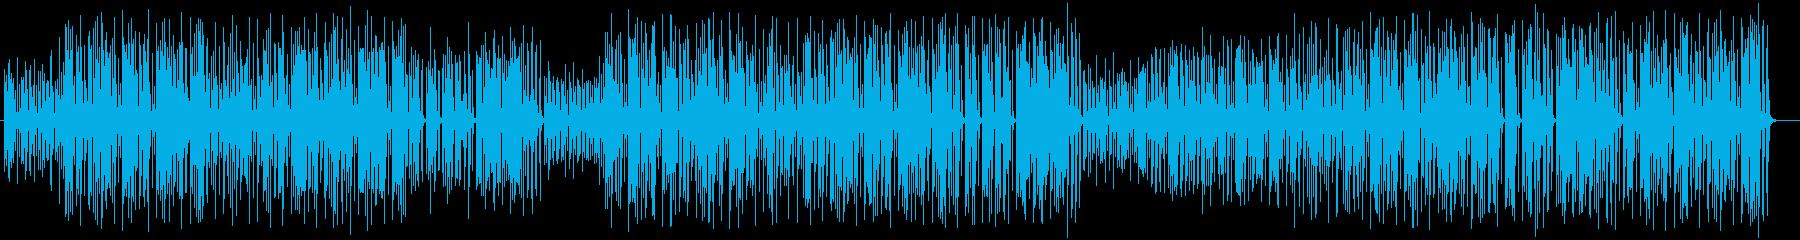 ほのぼのしたストーリーのミュージックの再生済みの波形